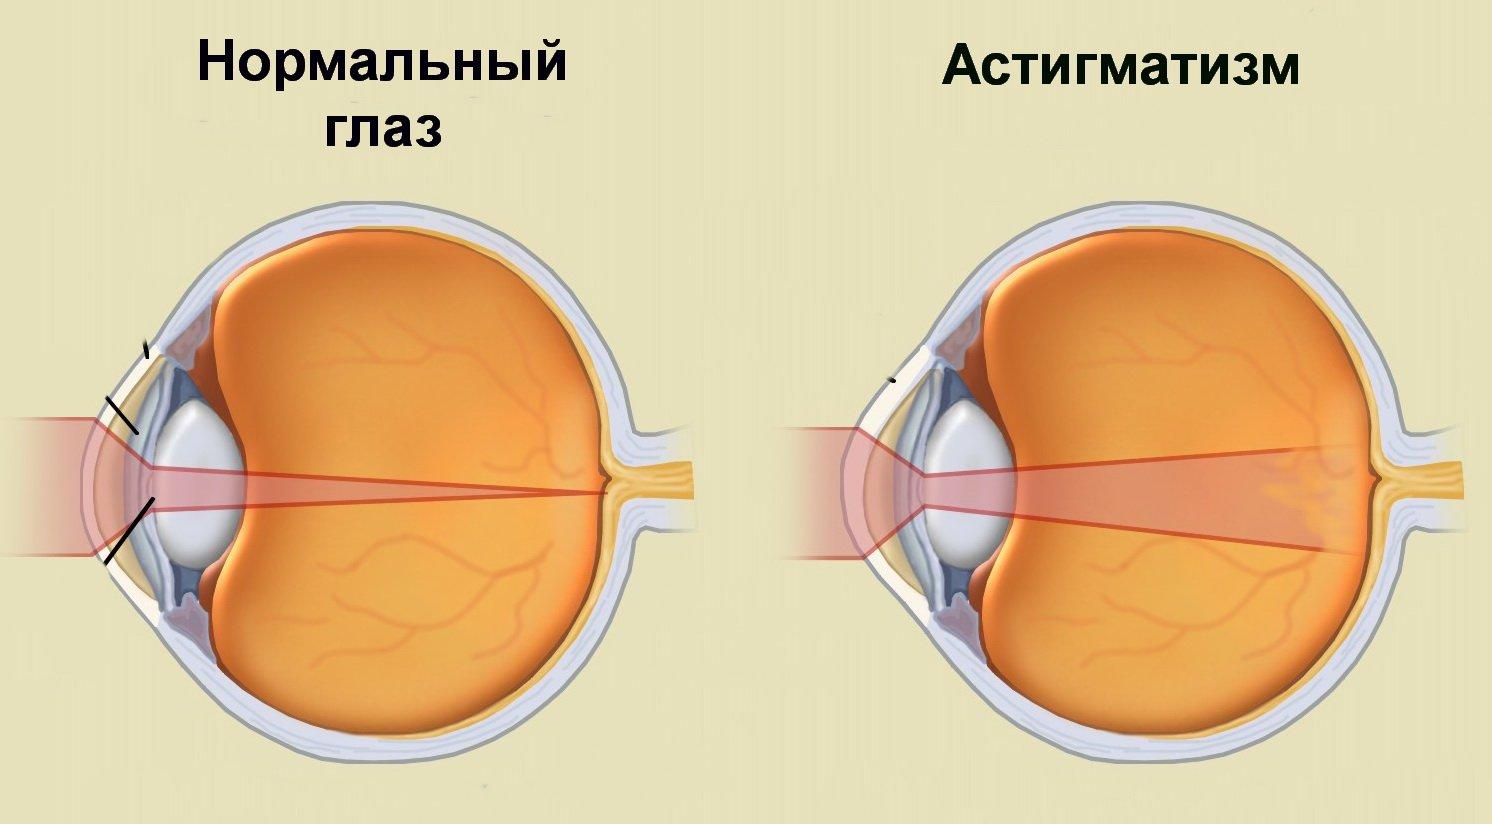 Alapfogalmak, hasznos tudnivalók/ szemühopehelycukraszda.hu - Hyperopia 8 hónapos gyermeknél